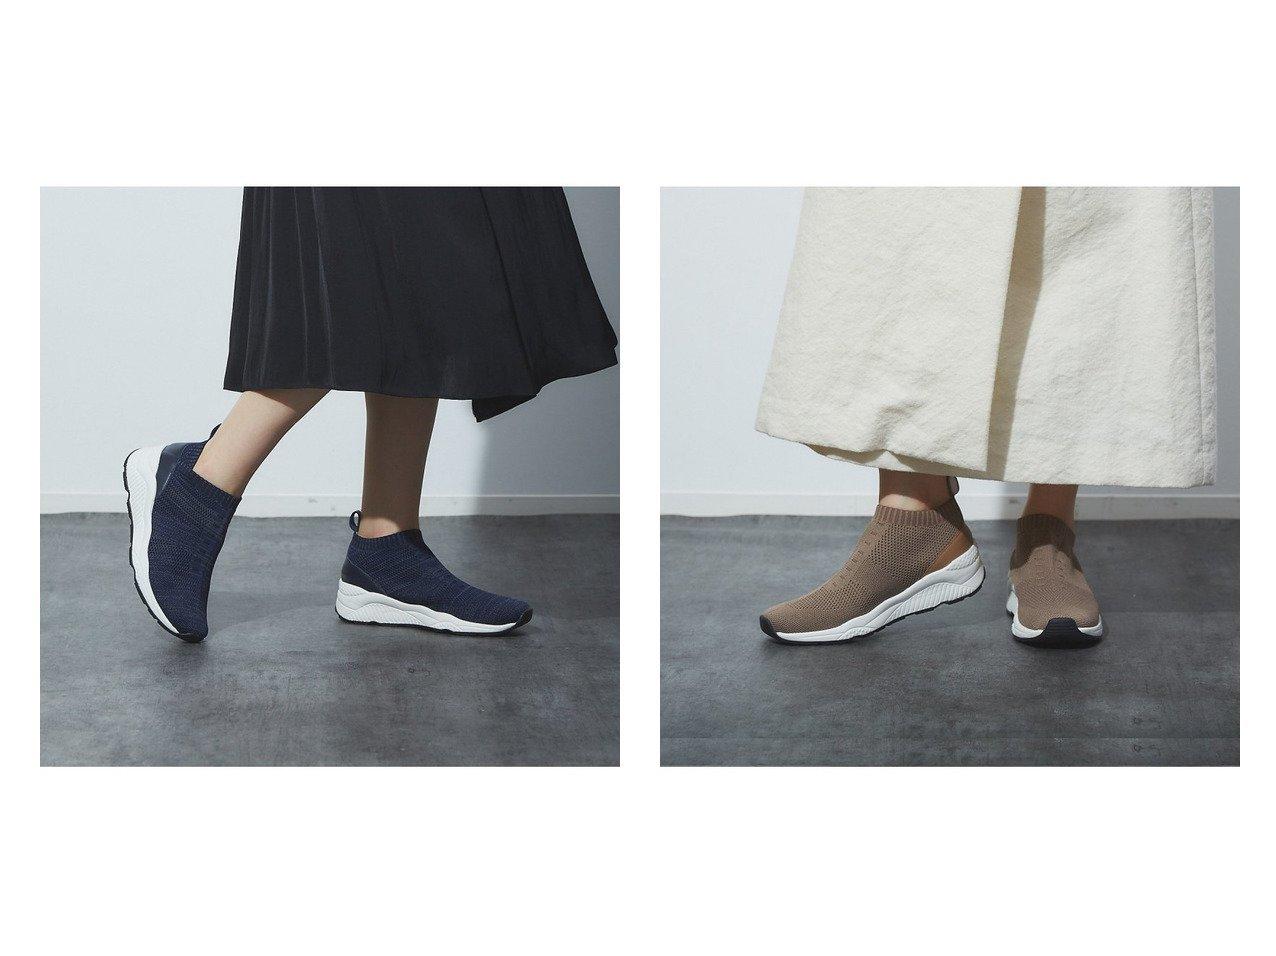 【Au BANNISTER/オゥ バニスター】の軽量ニットスニーカー シューズ・靴のおすすめ!人気、トレンド・レディースファッションの通販  おすすめで人気の流行・トレンド、ファッションの通販商品 メンズファッション・キッズファッション・インテリア・家具・レディースファッション・服の通販 founy(ファニー) https://founy.com/ ファッション Fashion レディースファッション WOMEN A/W 秋冬 AW Autumn/Winter / FW Fall-Winter シューズ スニーカー スポーティ スリッポン 軽量 |ID:crp329100000019277